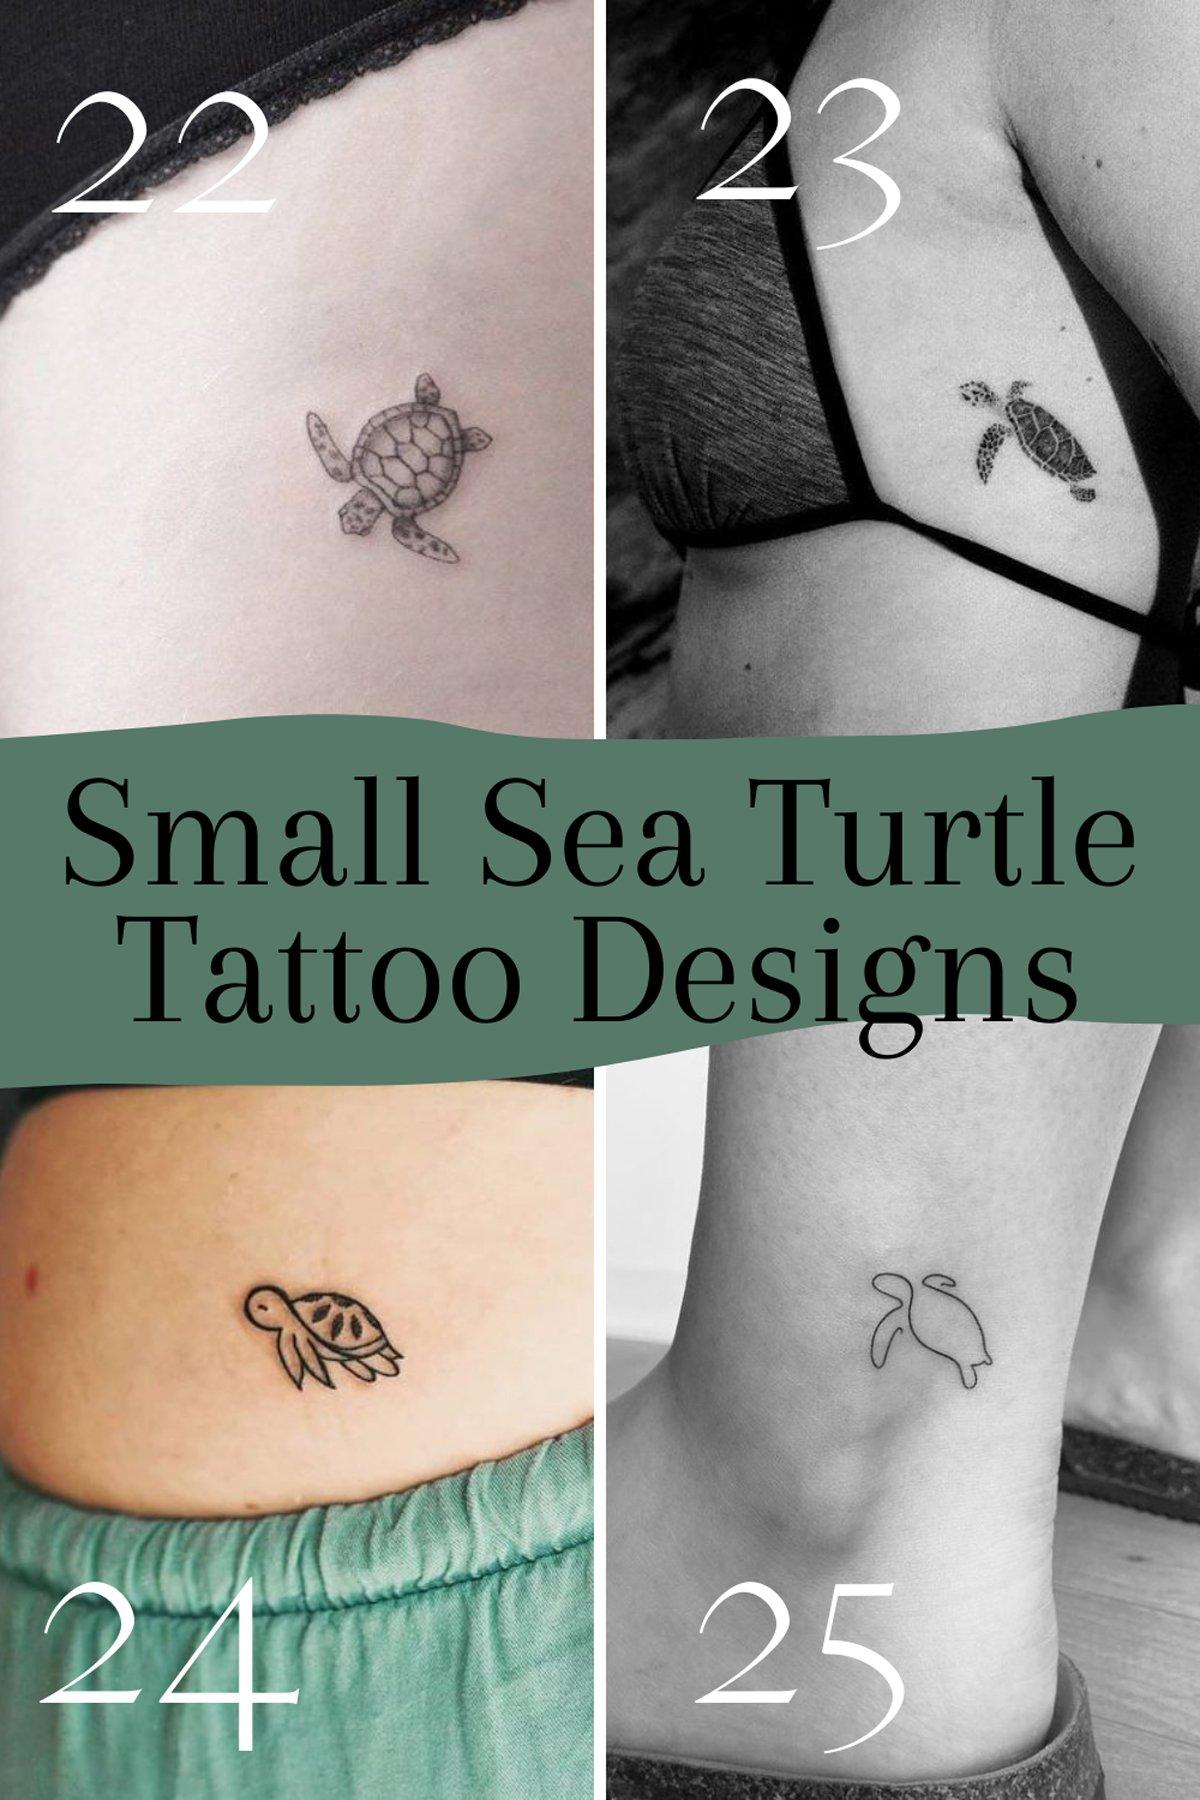 Animal Tattoos of Turtles